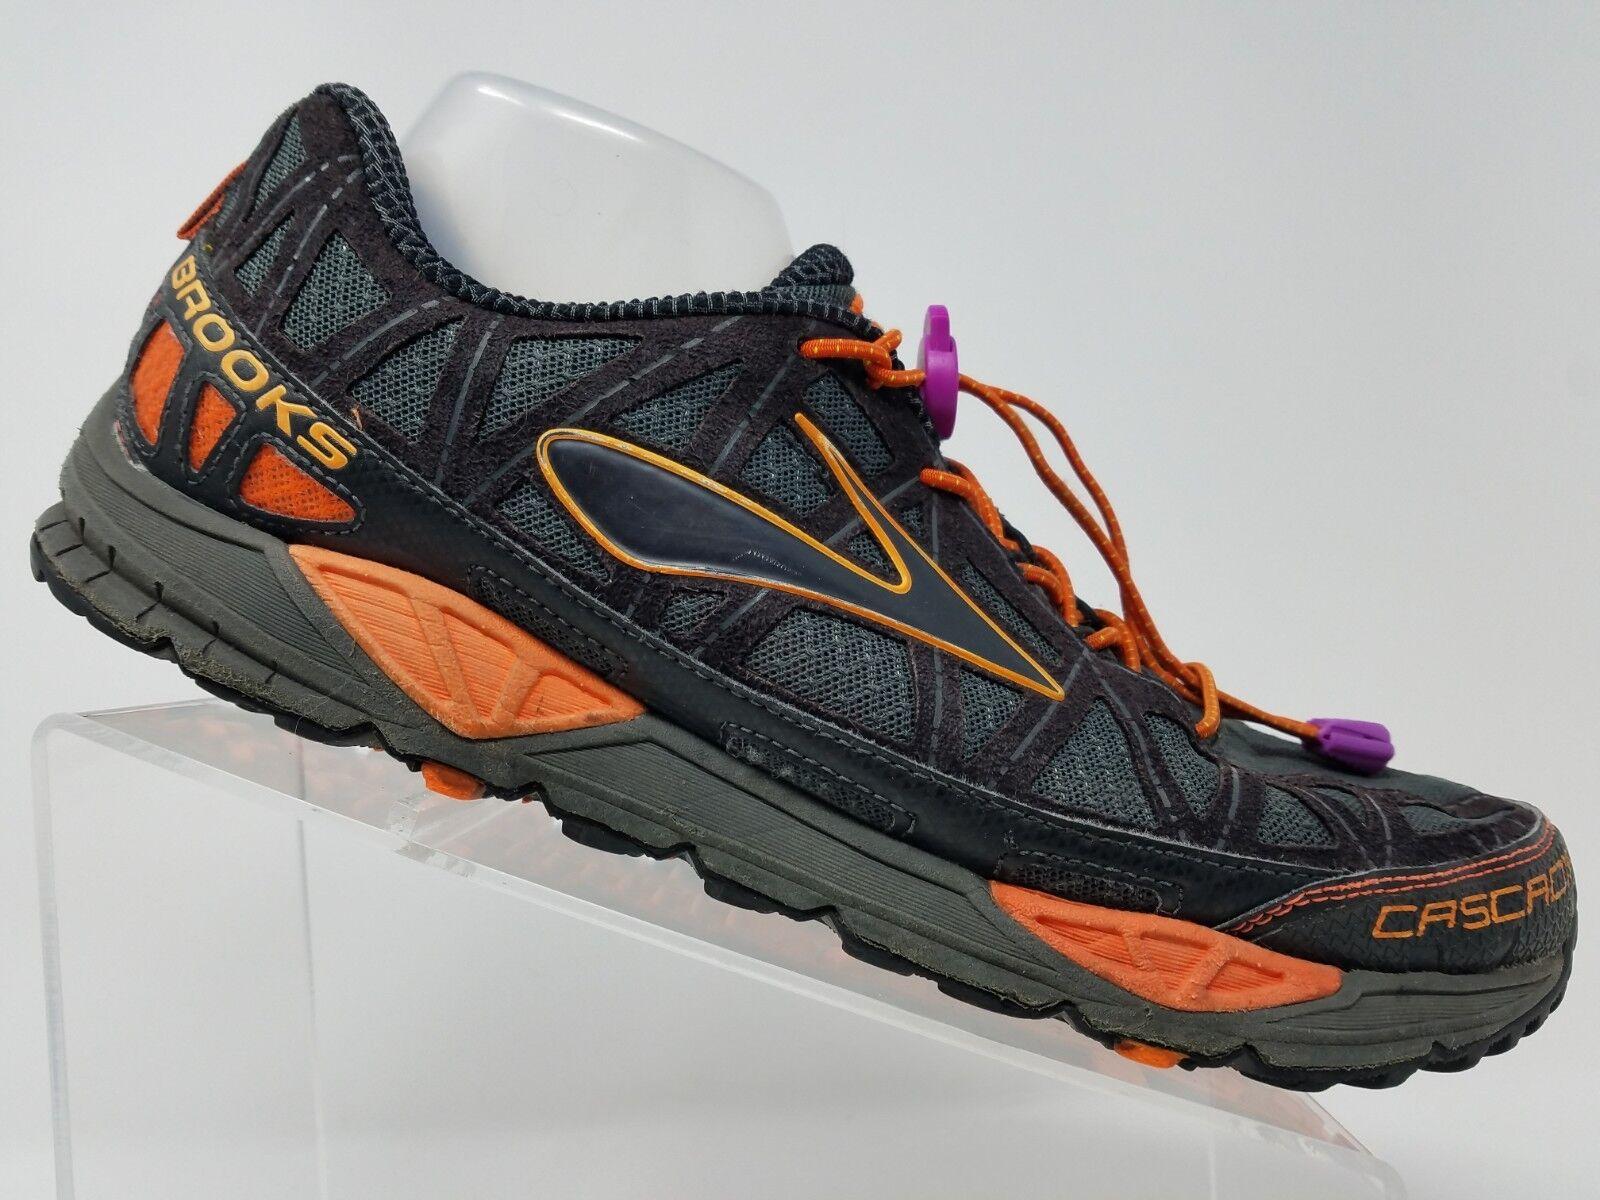 Brooks Cascadia 8 Mens Trail Running shoes Size 12.5 Black orange Training